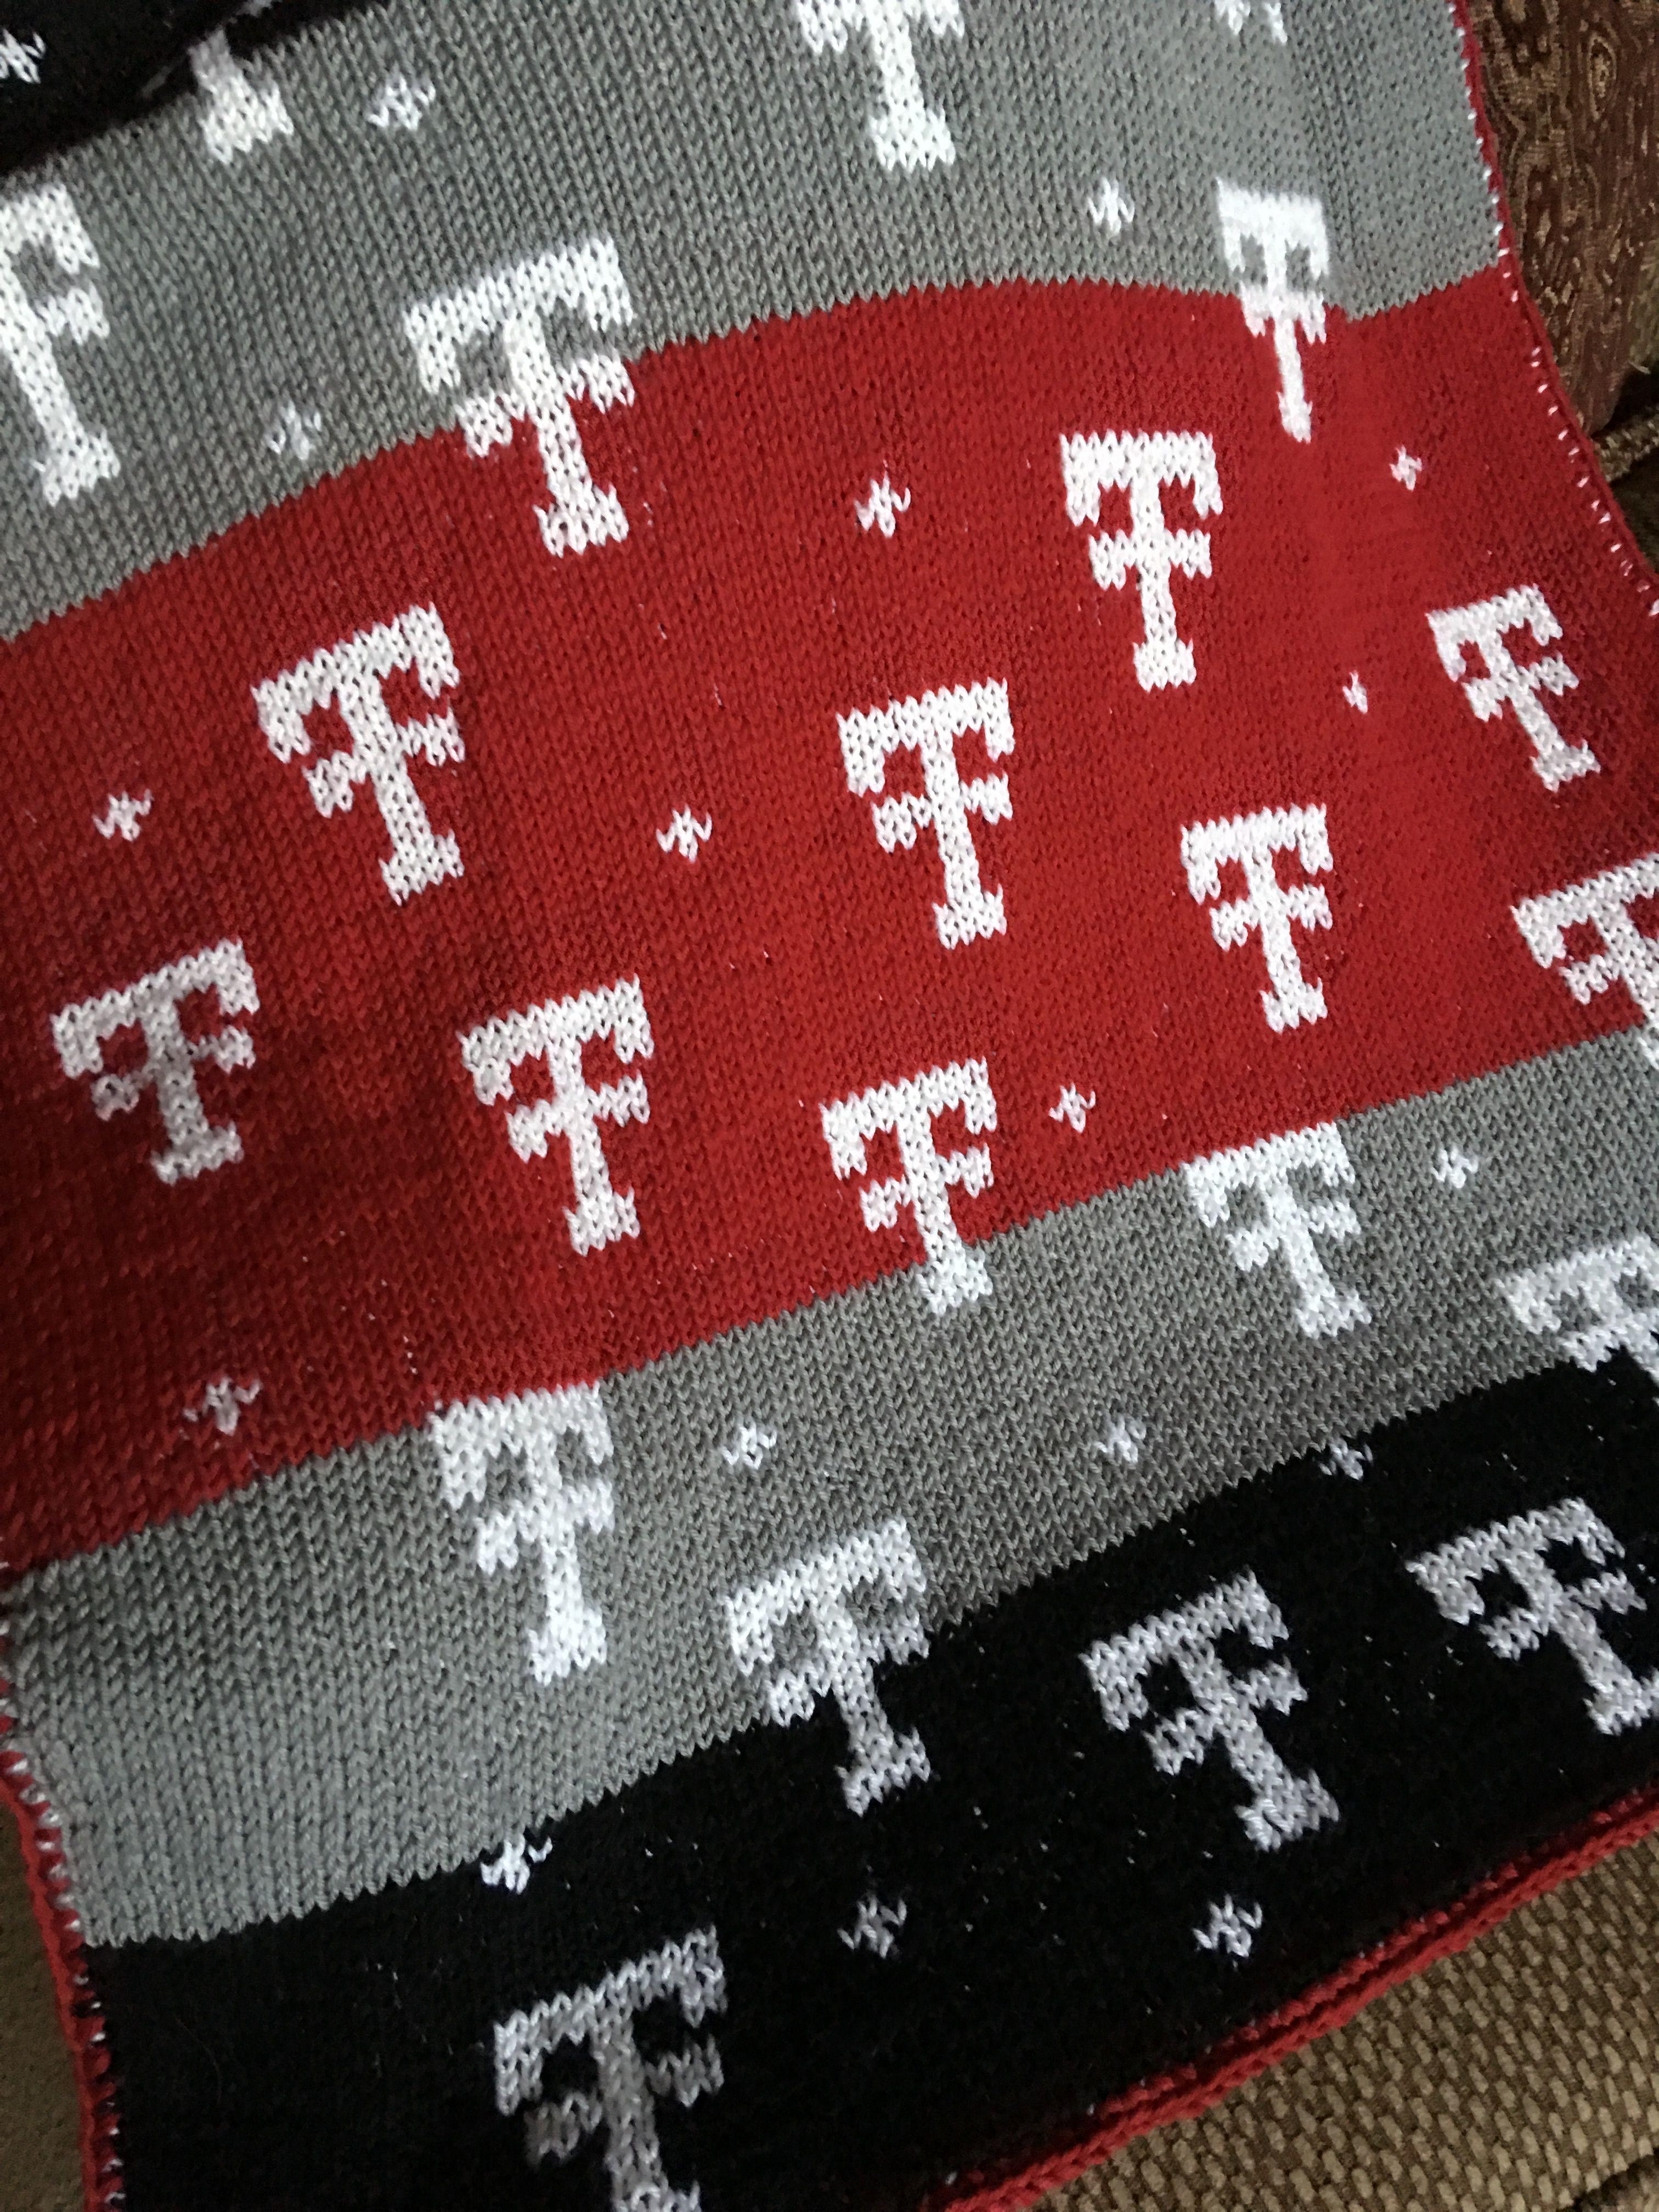 Baby love double knit blanket pattern by loani prior blanket baby love double knit blanket pattern by loani prior bankloansurffo Choice Image